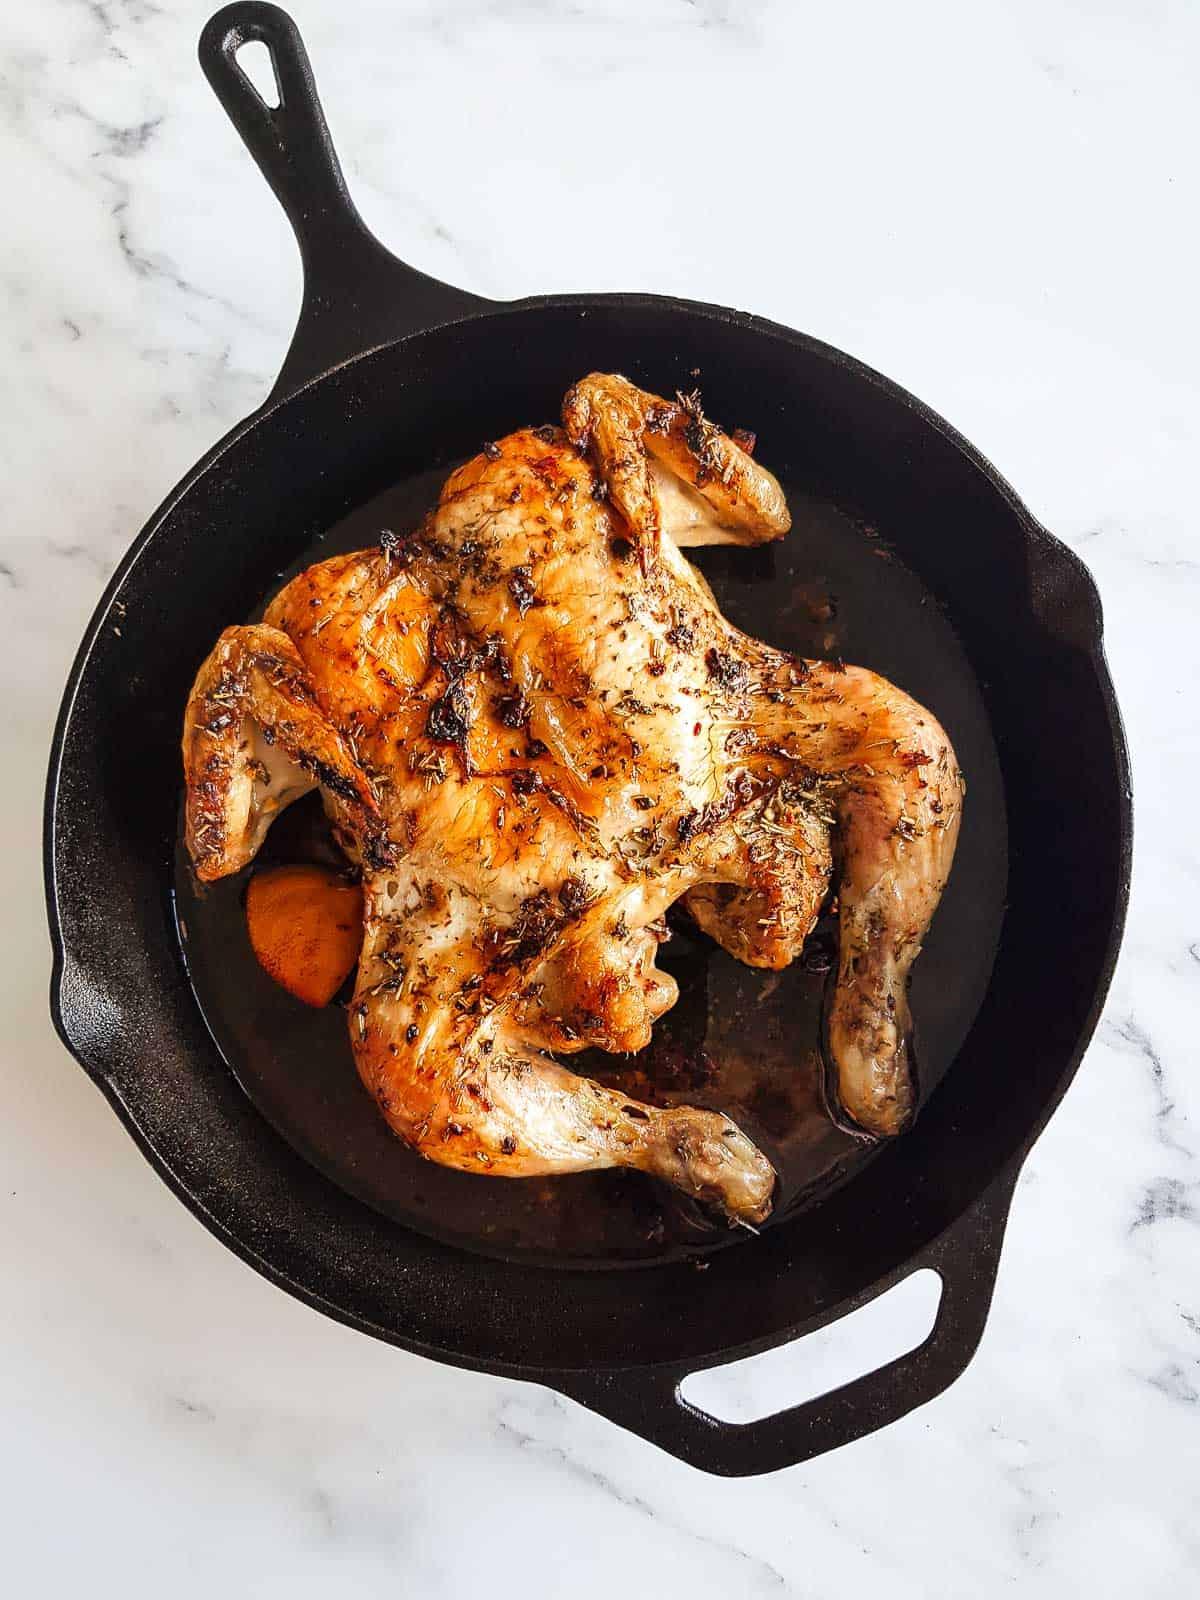 Roast butterflied chicken in a cast iron skillet.